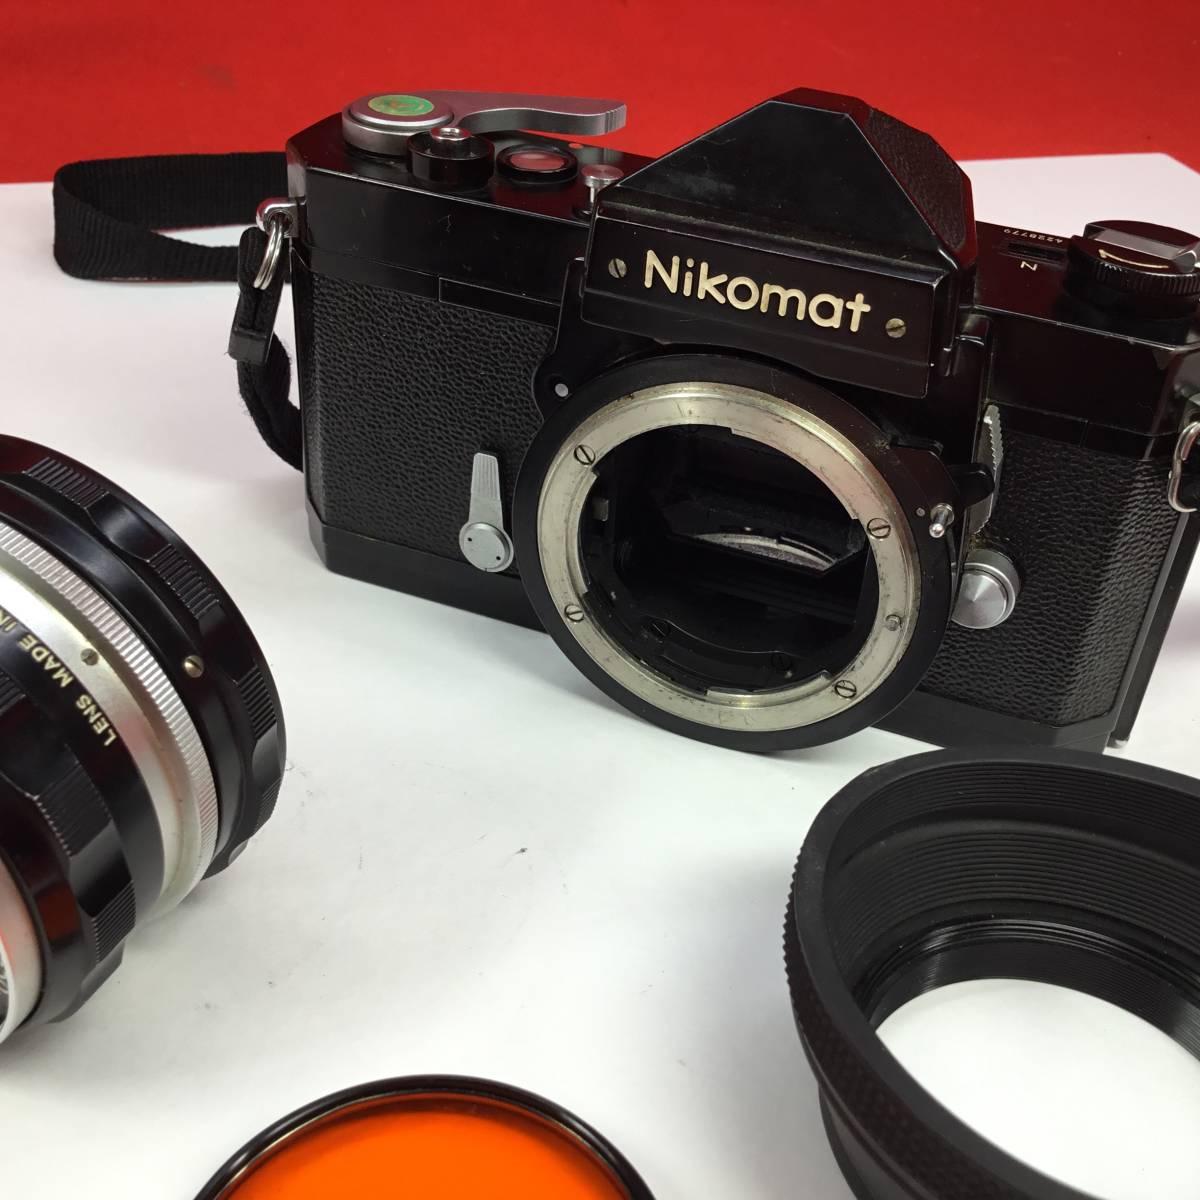 一眼レフカメラ Nikomat FT レンズ Nikon NIKKOR-H Auto 1:2 f=50mm ニコマート_画像9